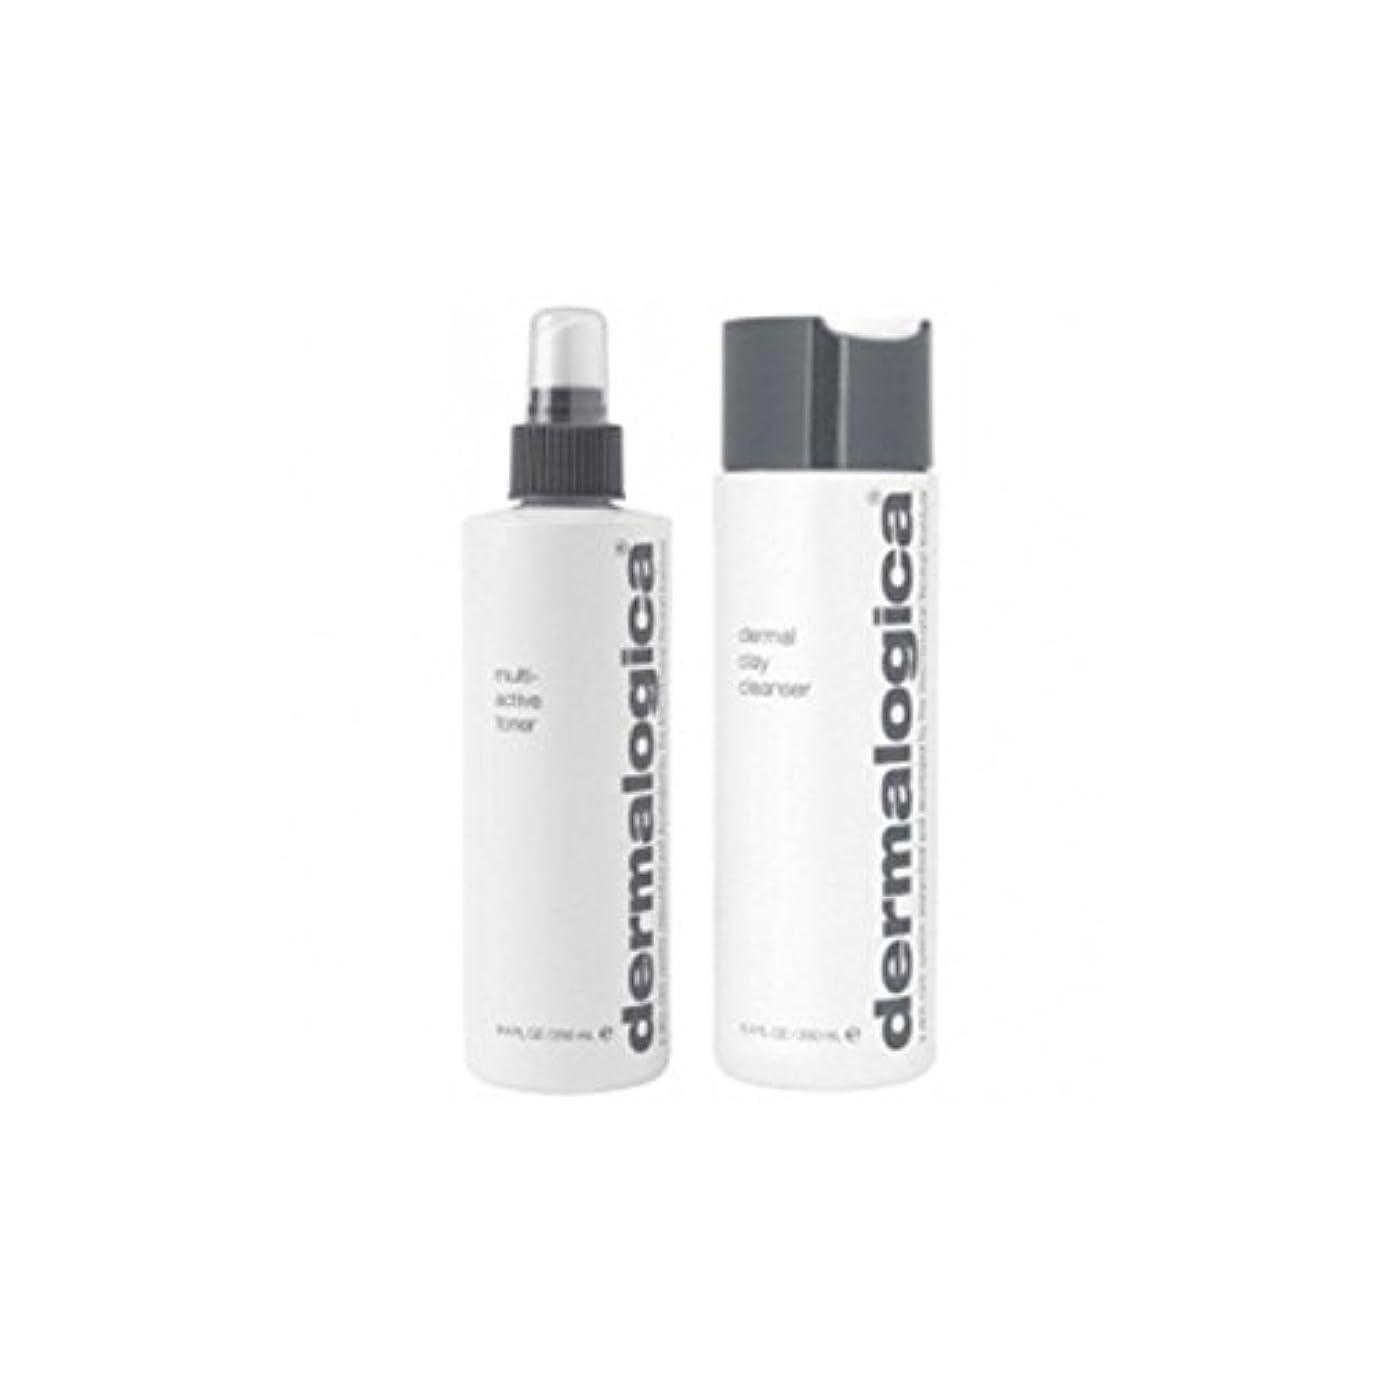 不幸シロクマ高原ダーマロジカクレンジング&トーンデュオ - 脂性肌(2製品) x2 - Dermalogica Cleanse & Tone Duo - Oily Skin (2 Products) (Pack of 2) [並行輸入品]